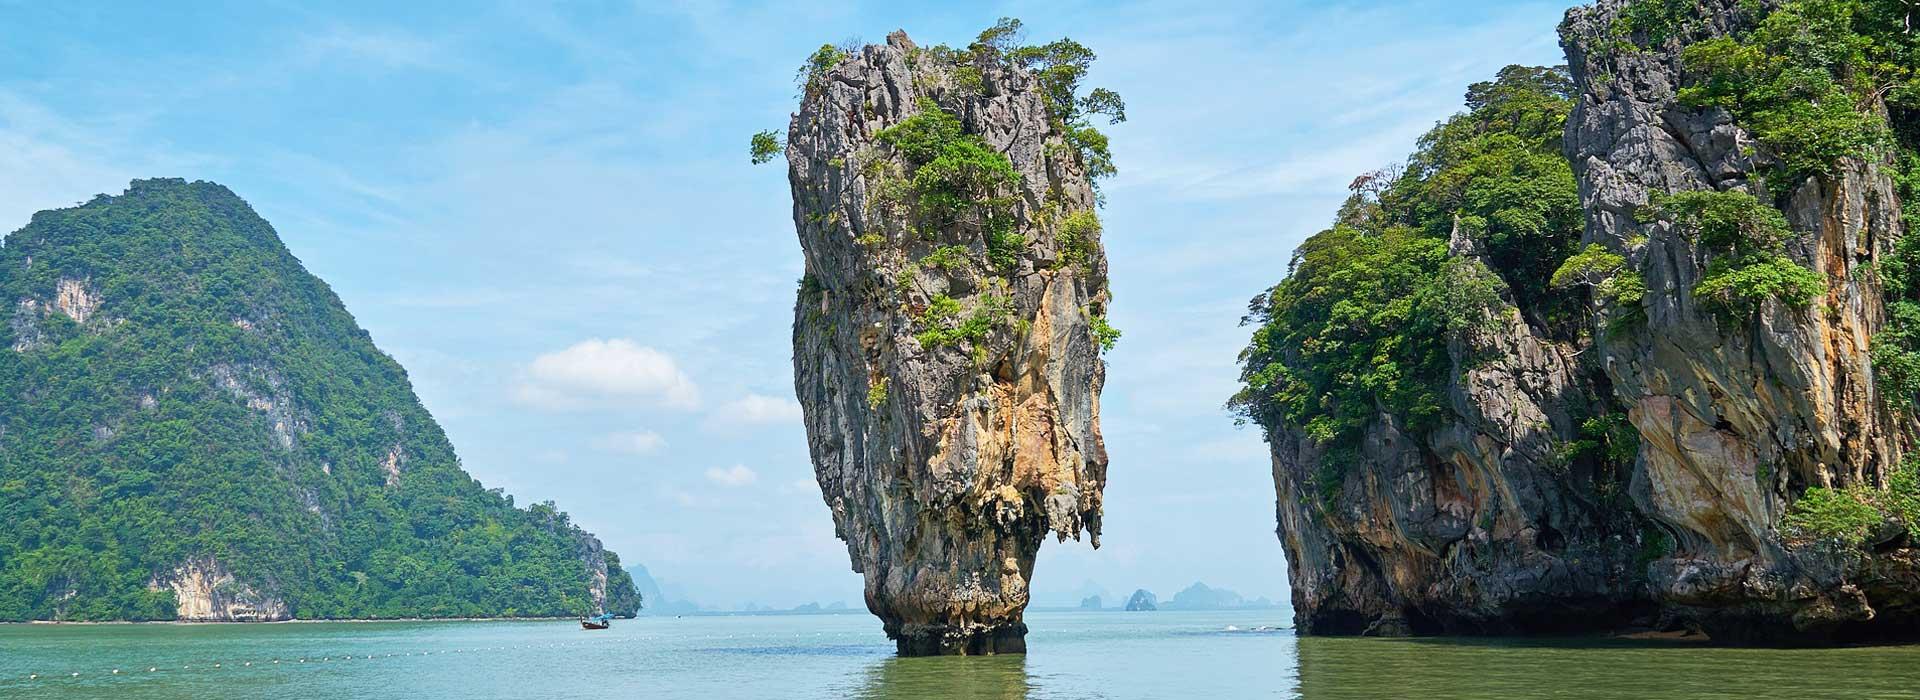 3D2N F&E Phuket